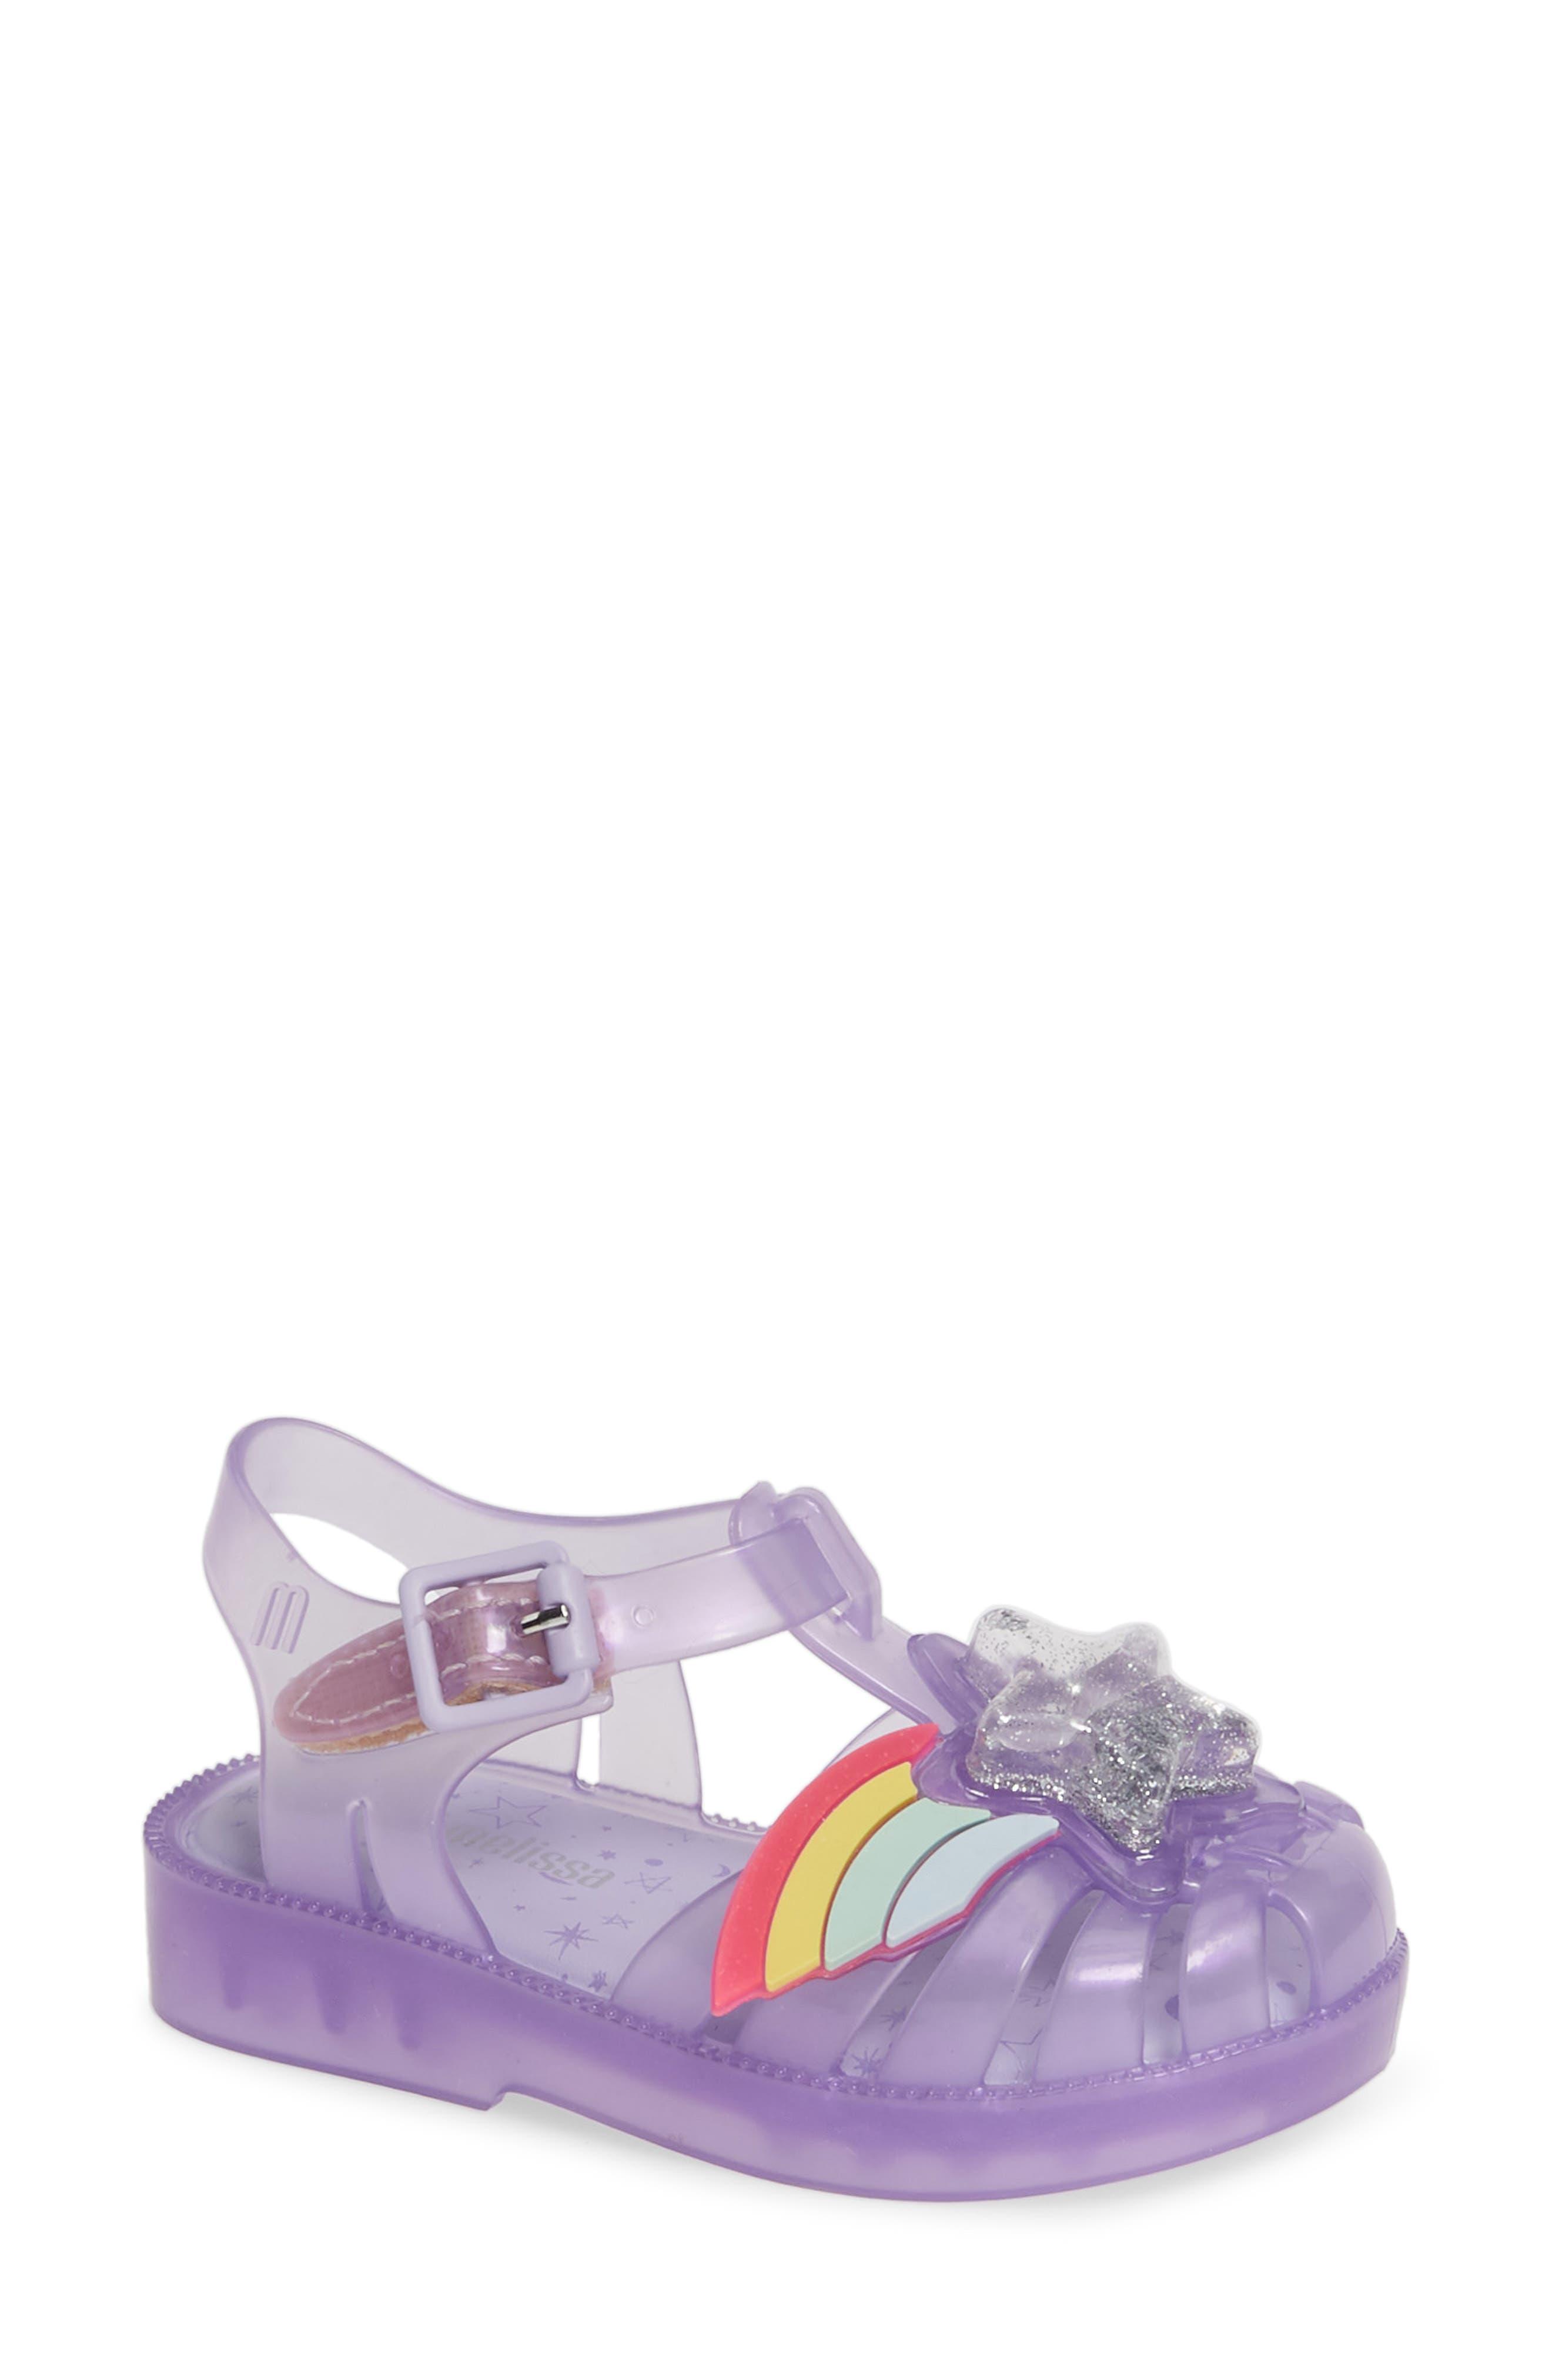 MINI MELISSA, Possession II Glitter Sandal, Main thumbnail 1, color, PURPLE